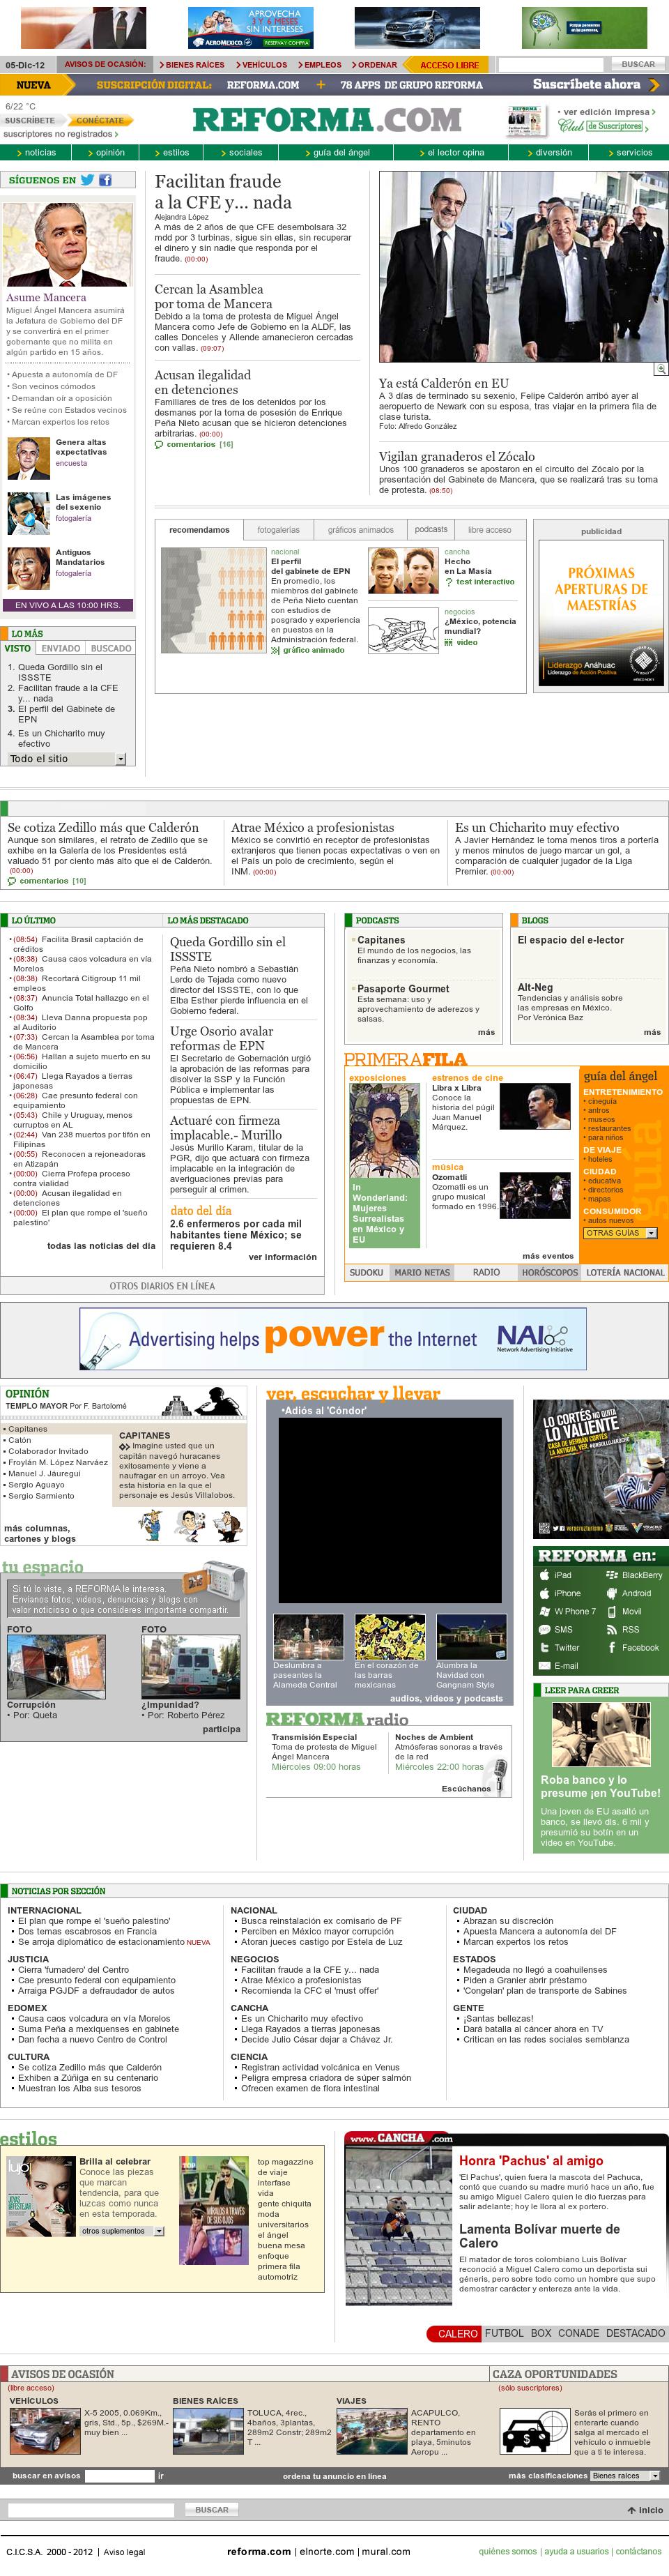 Reforma.com at Wednesday Dec. 5, 2012, 3:38 p.m. UTC